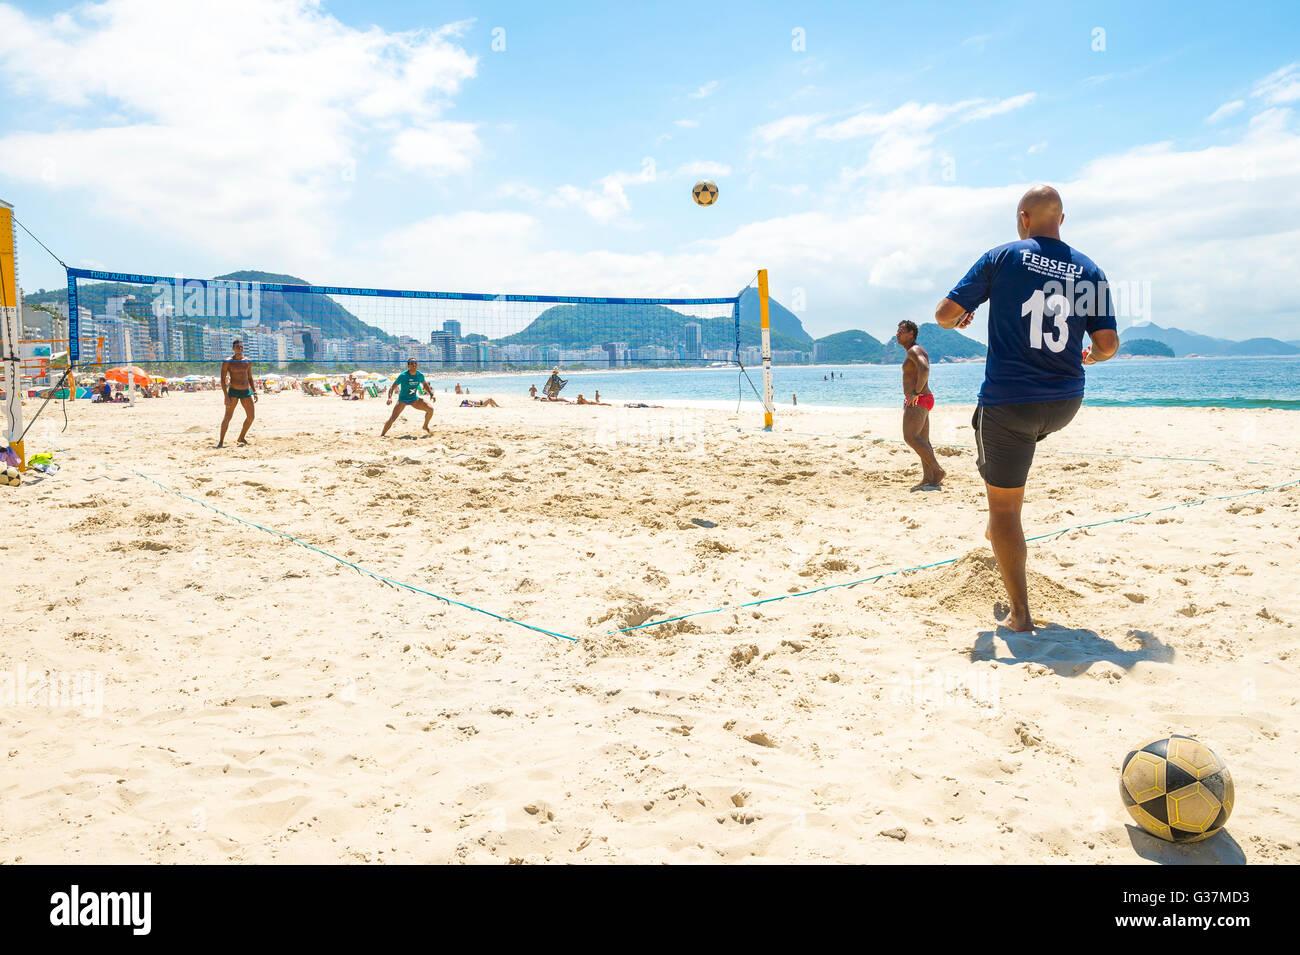 RIO DE JANEIRO - Marzo 15, 2016: los hombres desempeñan futevôlei Brasileño (footvolley, combinando Imagen De Stock